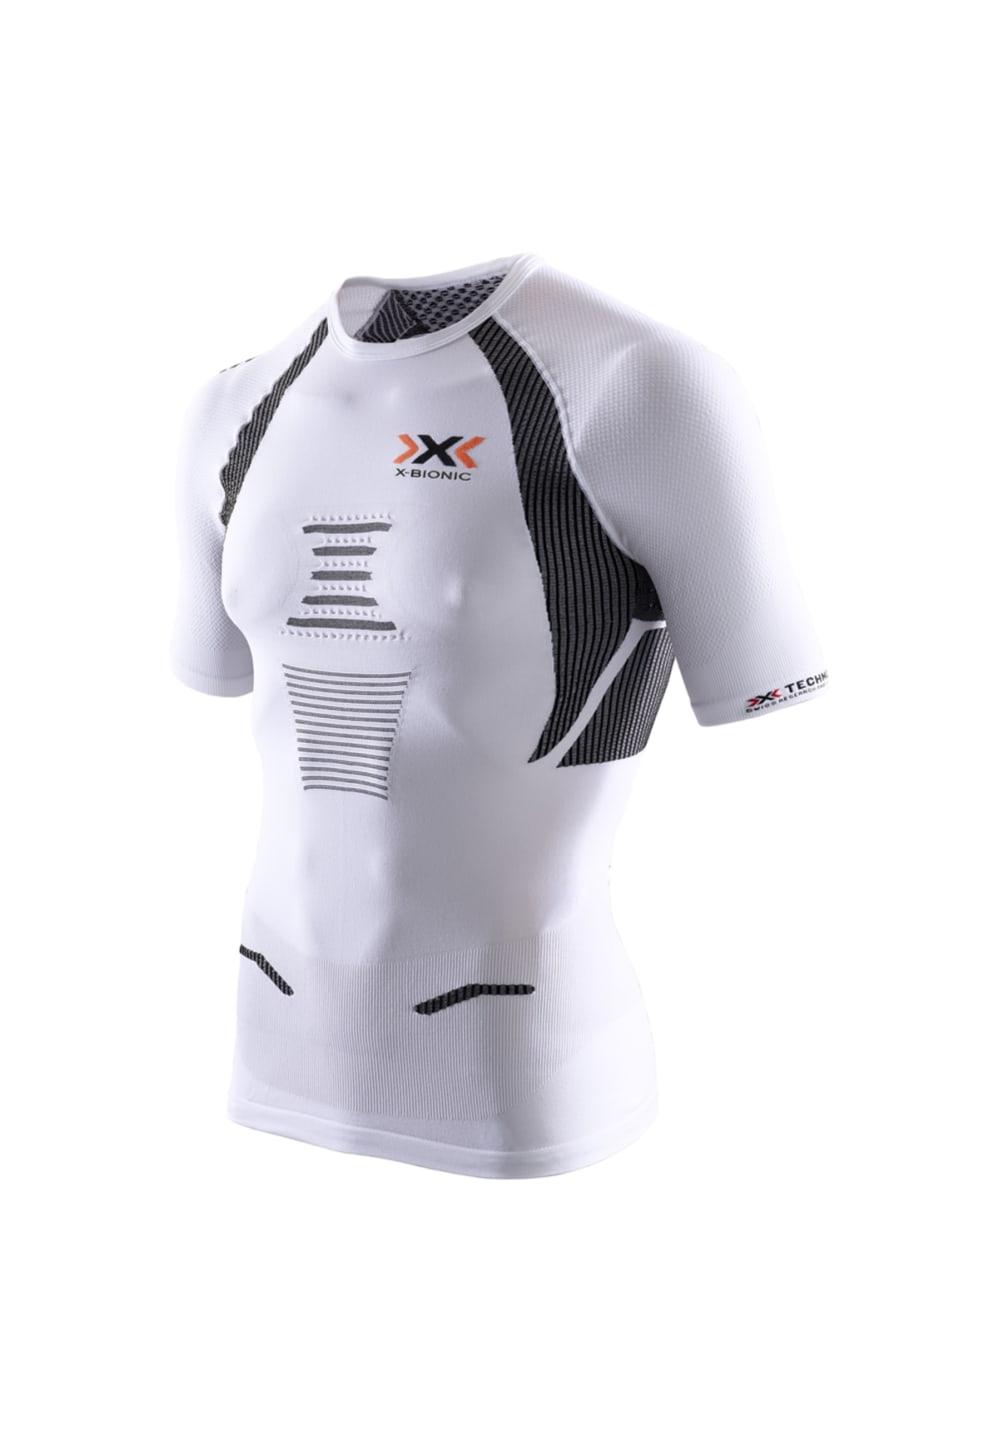 X-Bionic Running The Trick Shirt Short Sleeves - Laufshirts für Herren - Weiß,